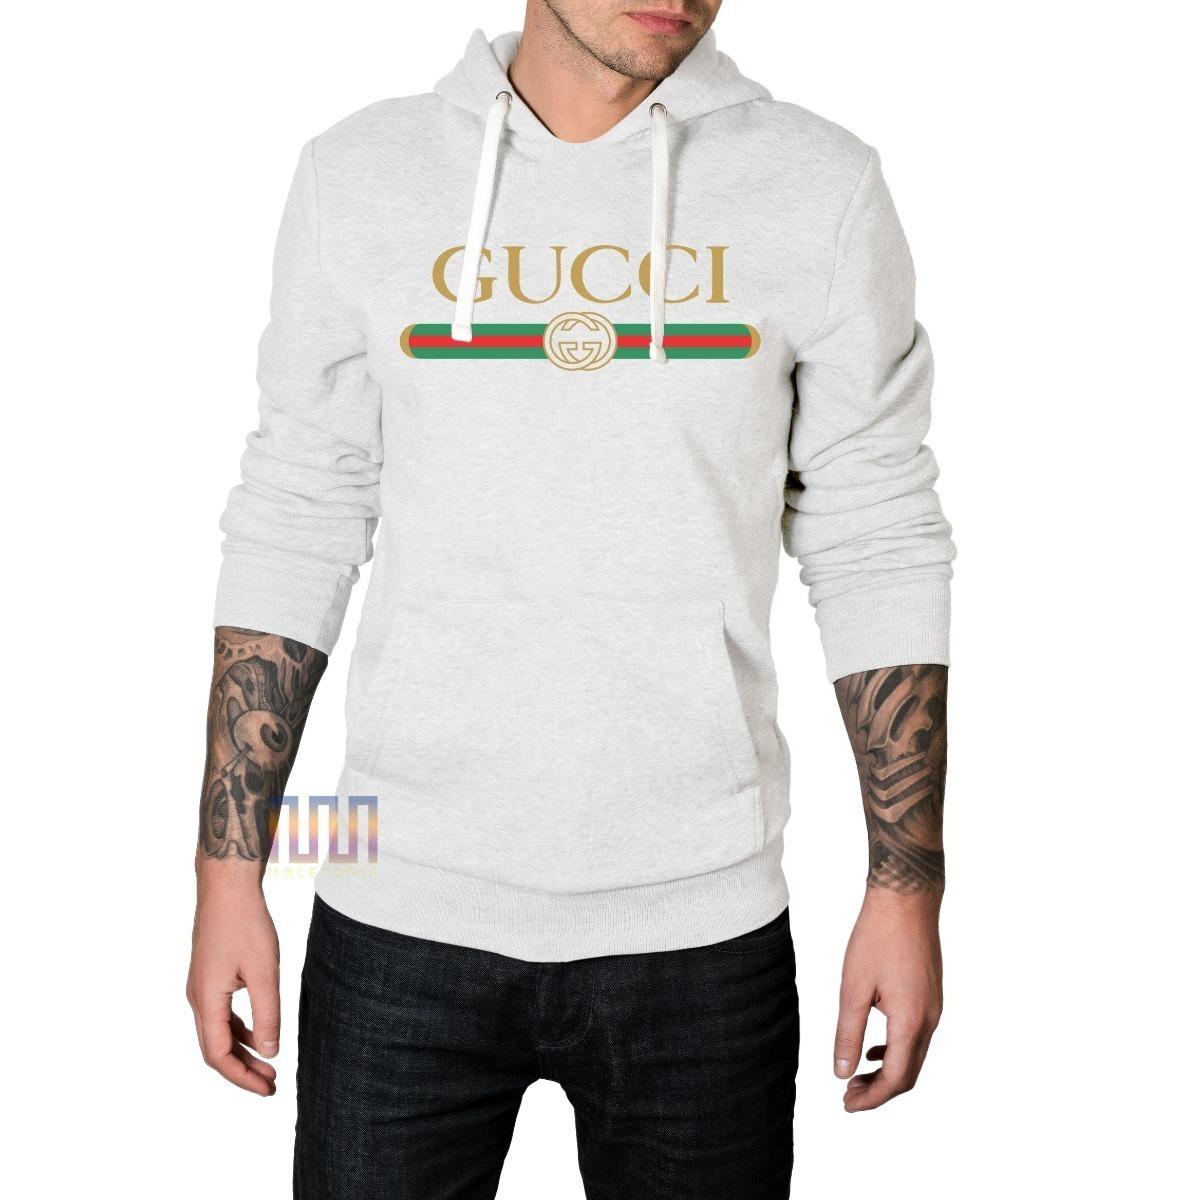 Blusa Moletom Gucci Kevinho Mc- Casaco Roupa Blusão Mod 02 - R  64 ... 011dca803318e